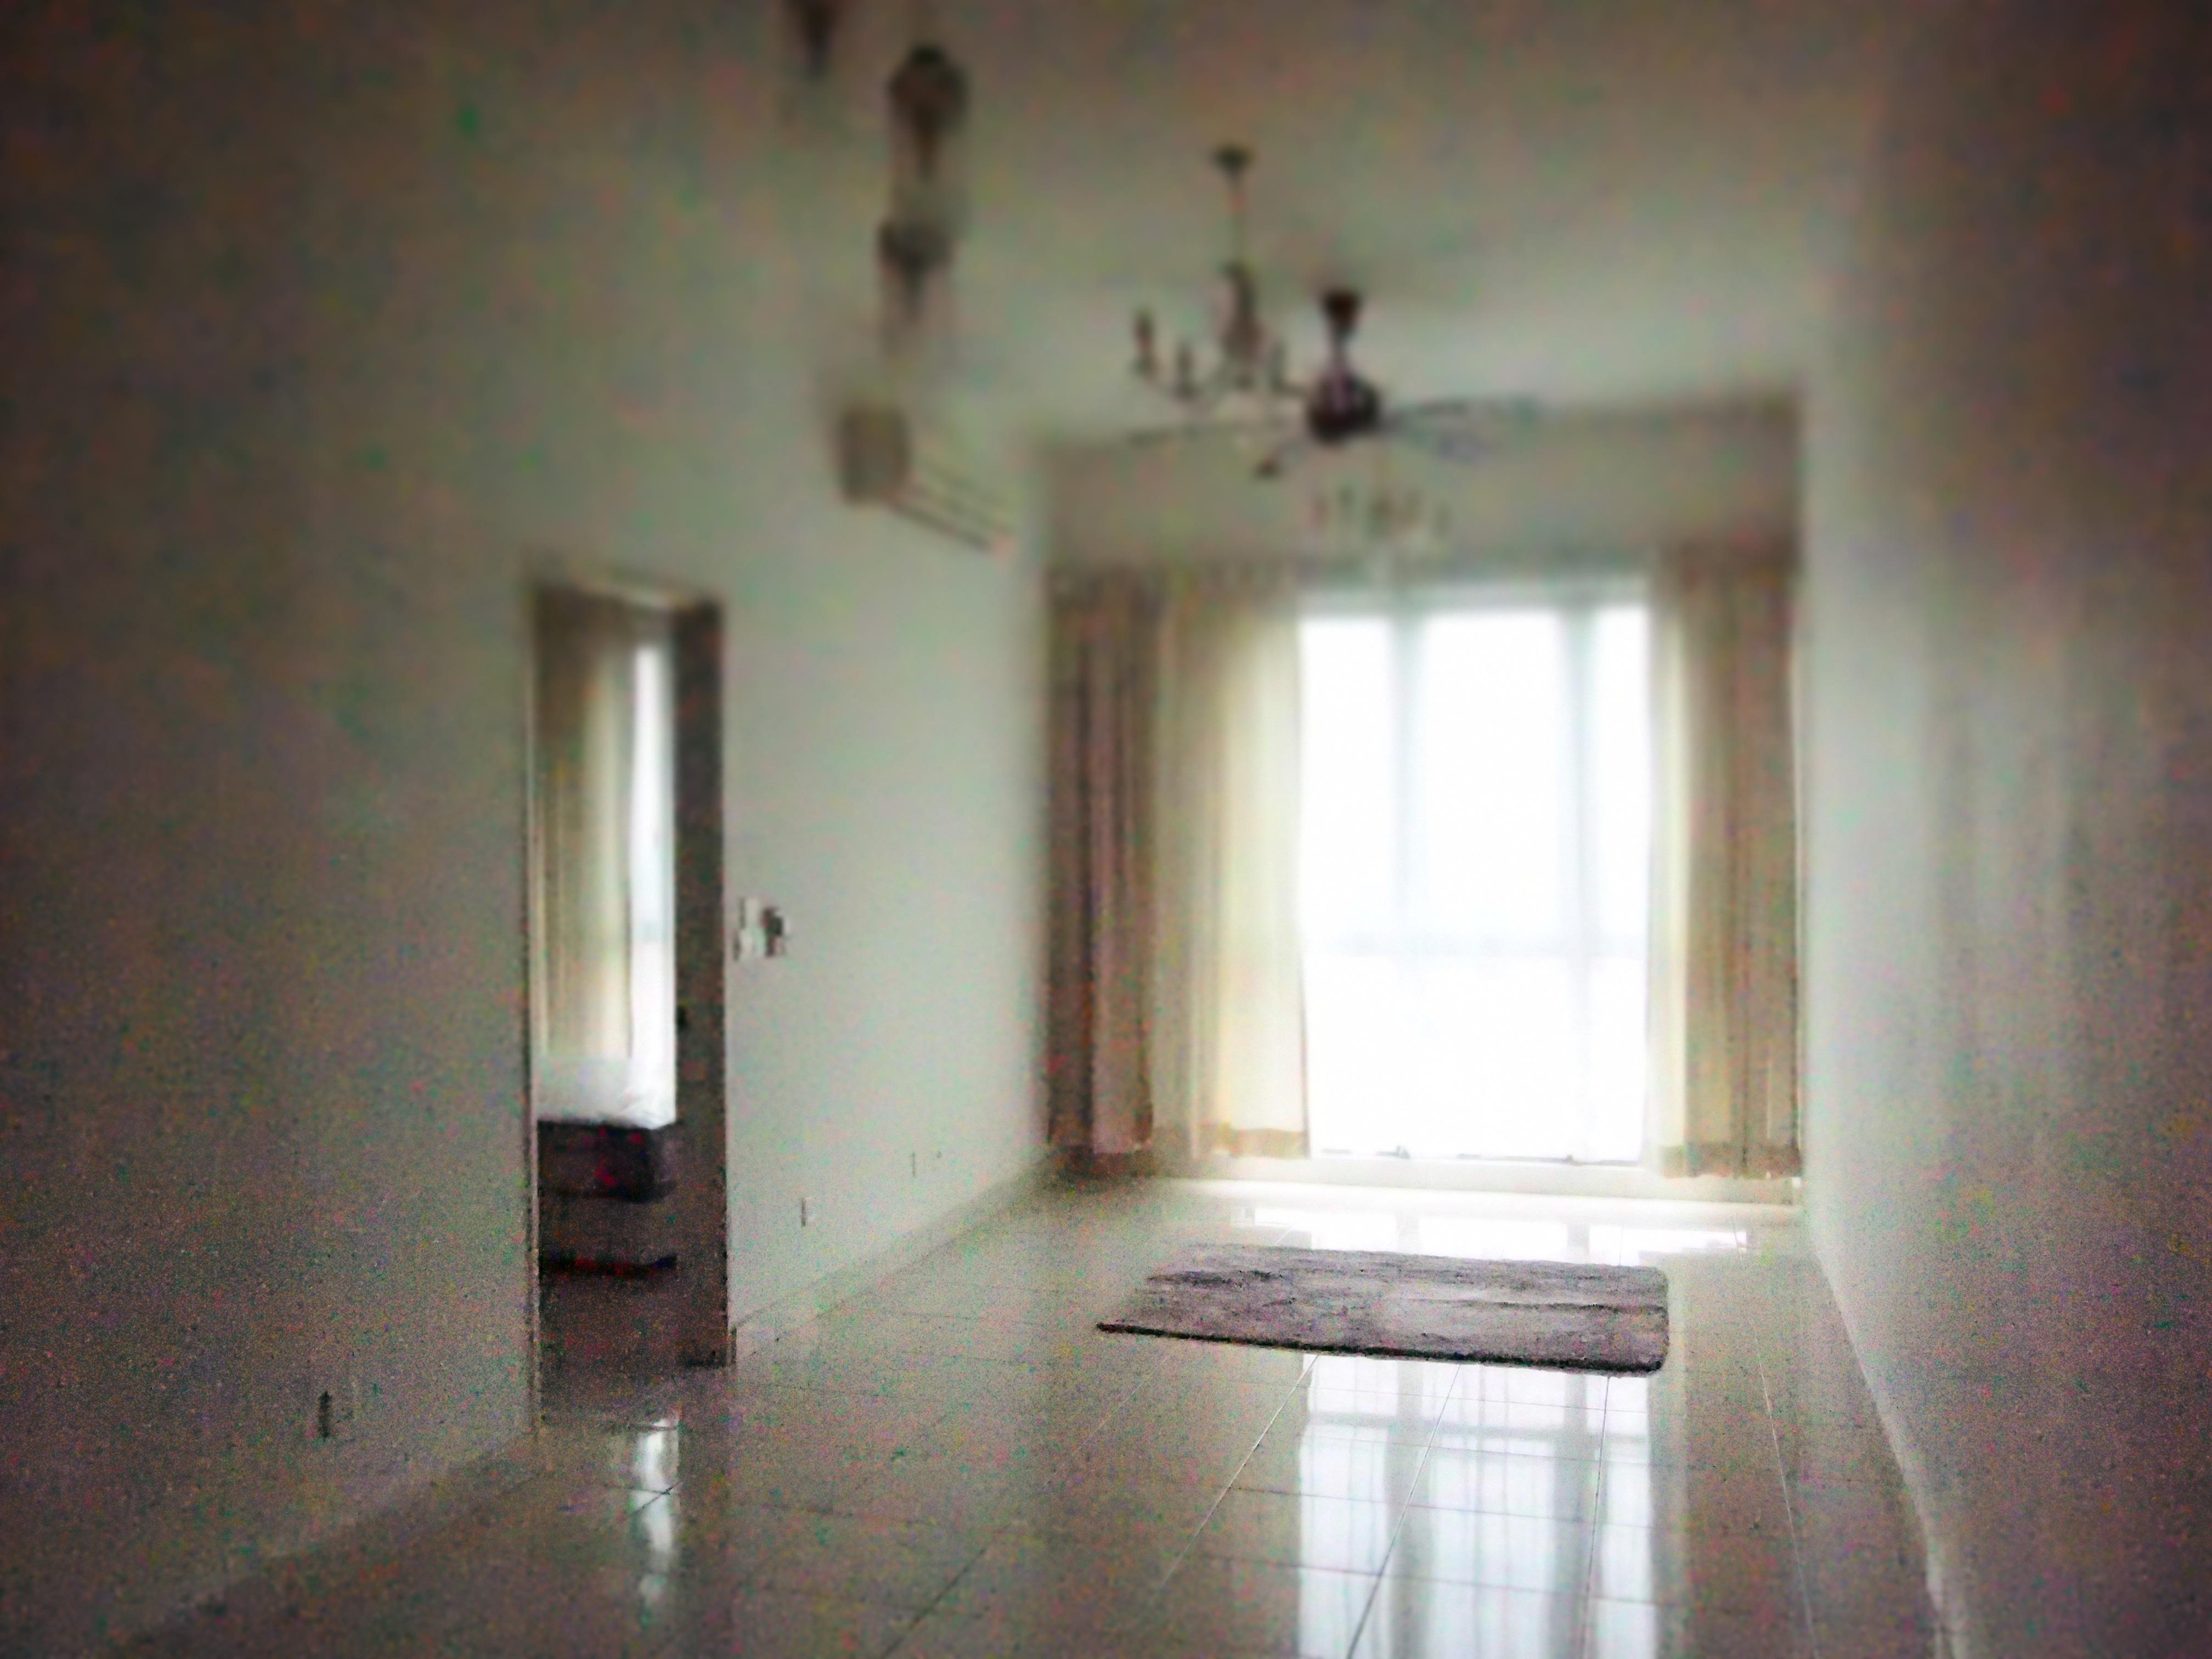 Tropicana City Tropics Condominium, Petaling Jaya, Selangor, Malaysia, For Rent  出租